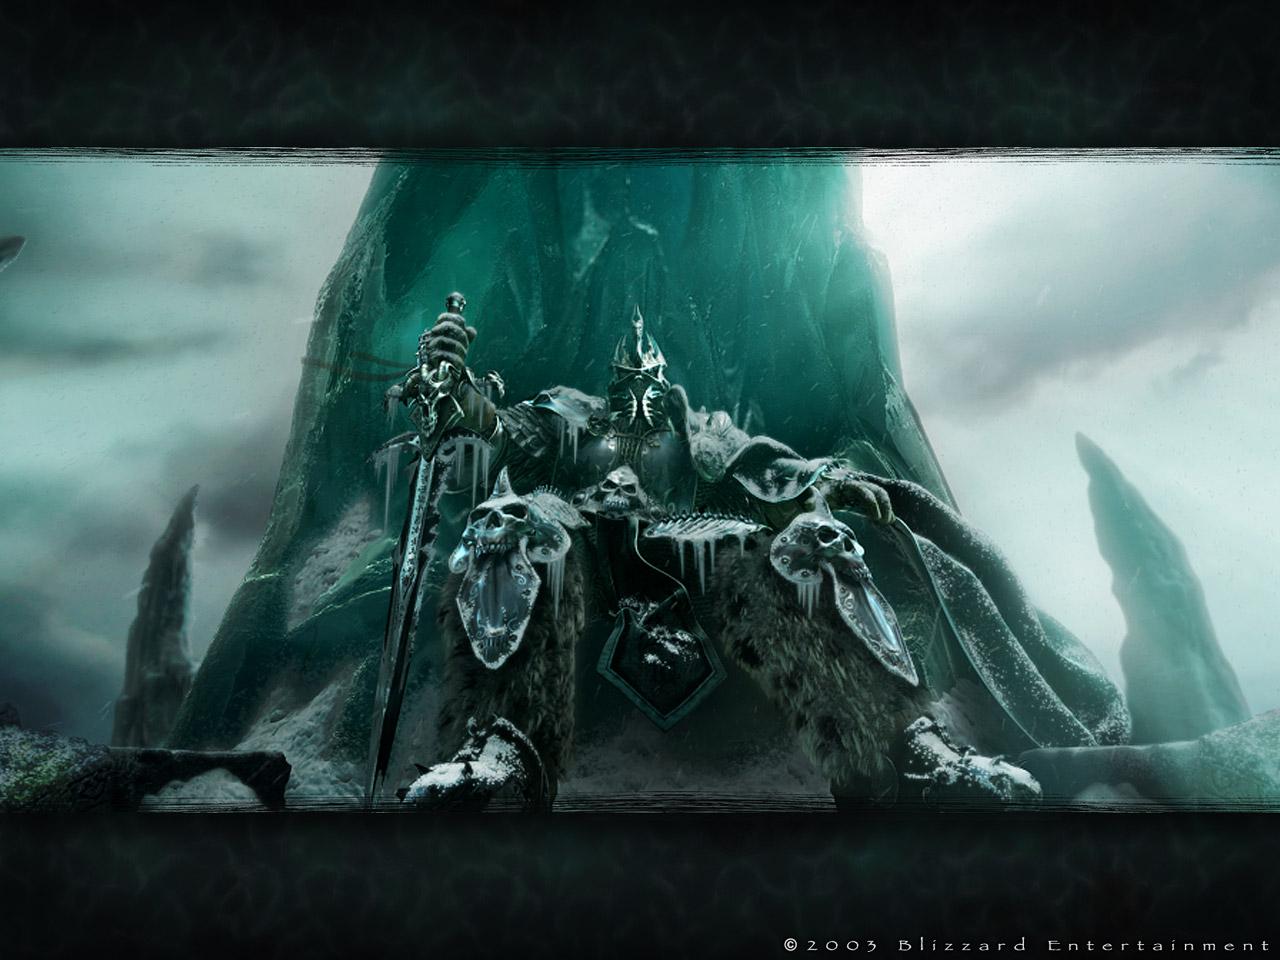 求魔兽世界巫妖王之怒的一张dk戴头盔的壁纸